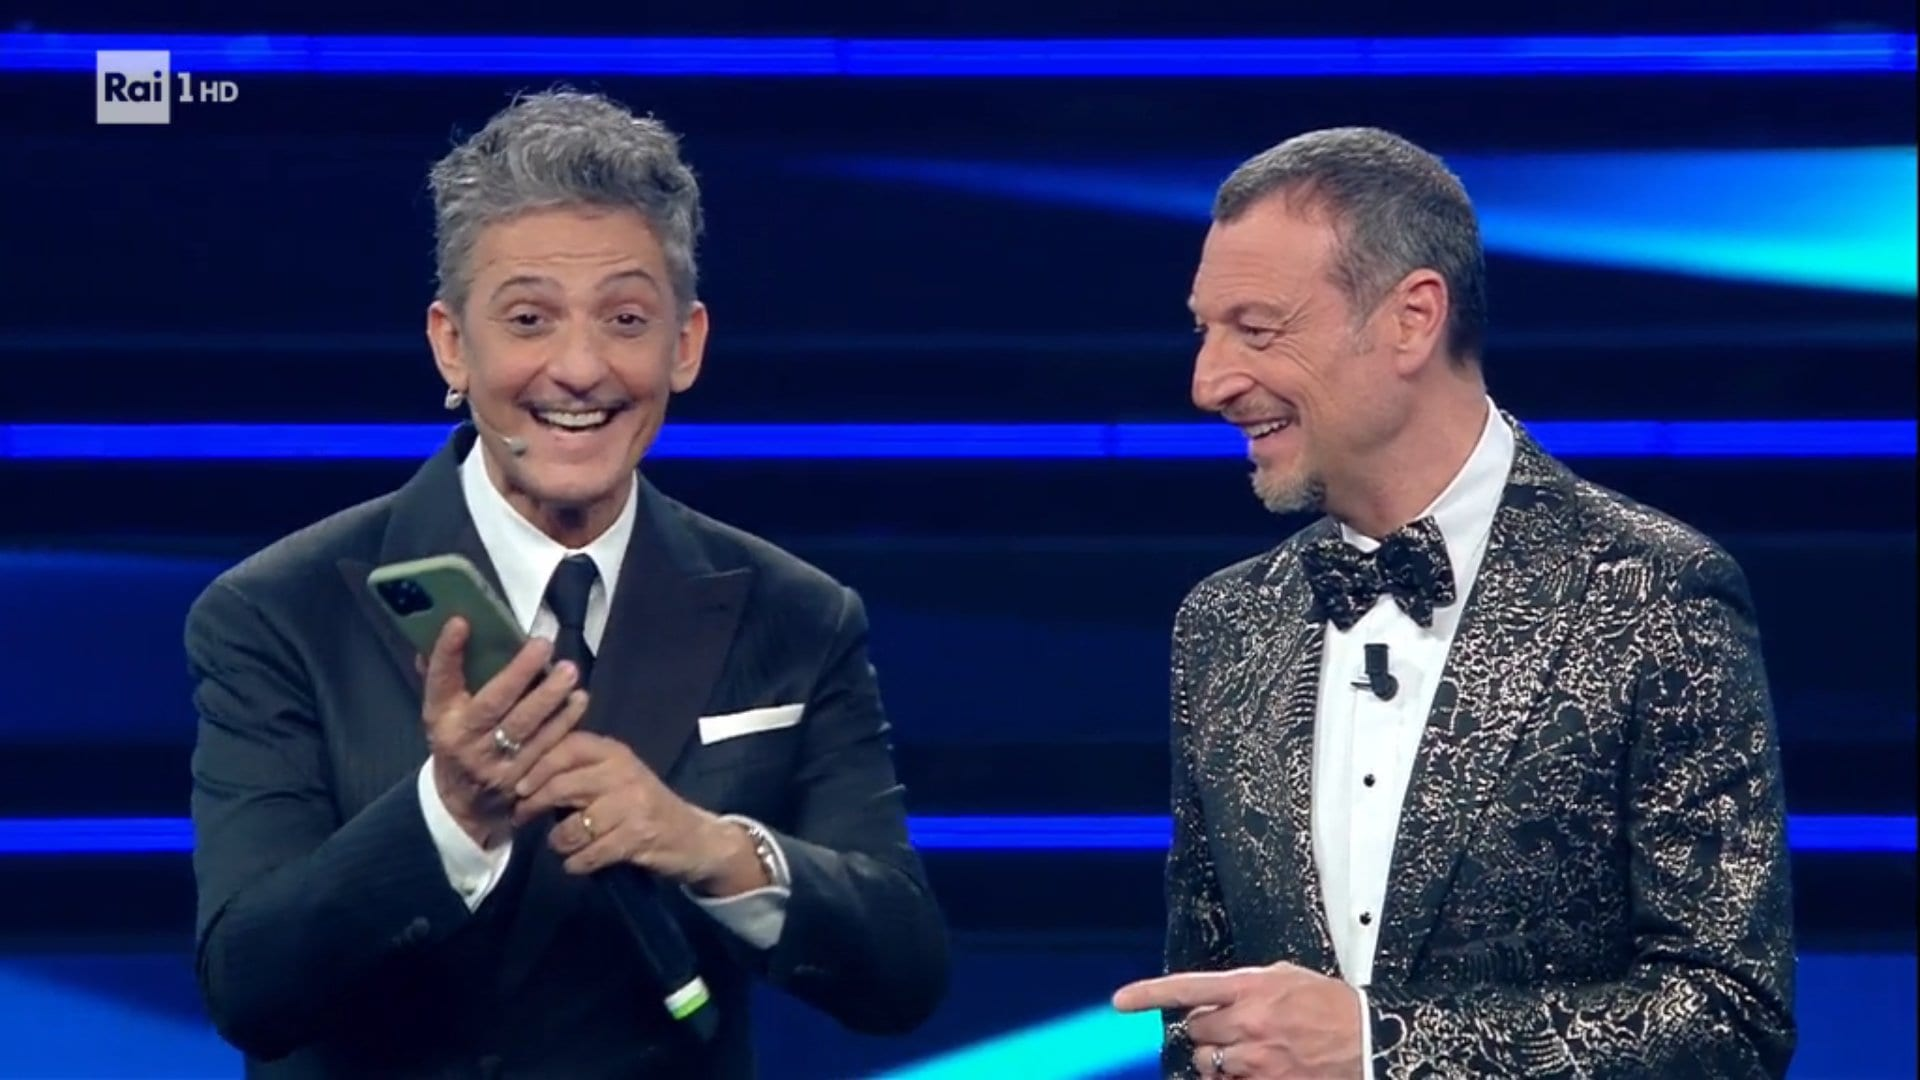 Live 4 marzo 2021 · Sanremo2021 terza serata. Condotto da Amadeus e Fiorello, la 71ª kermesse canora è in onda in prime time su RaiUno